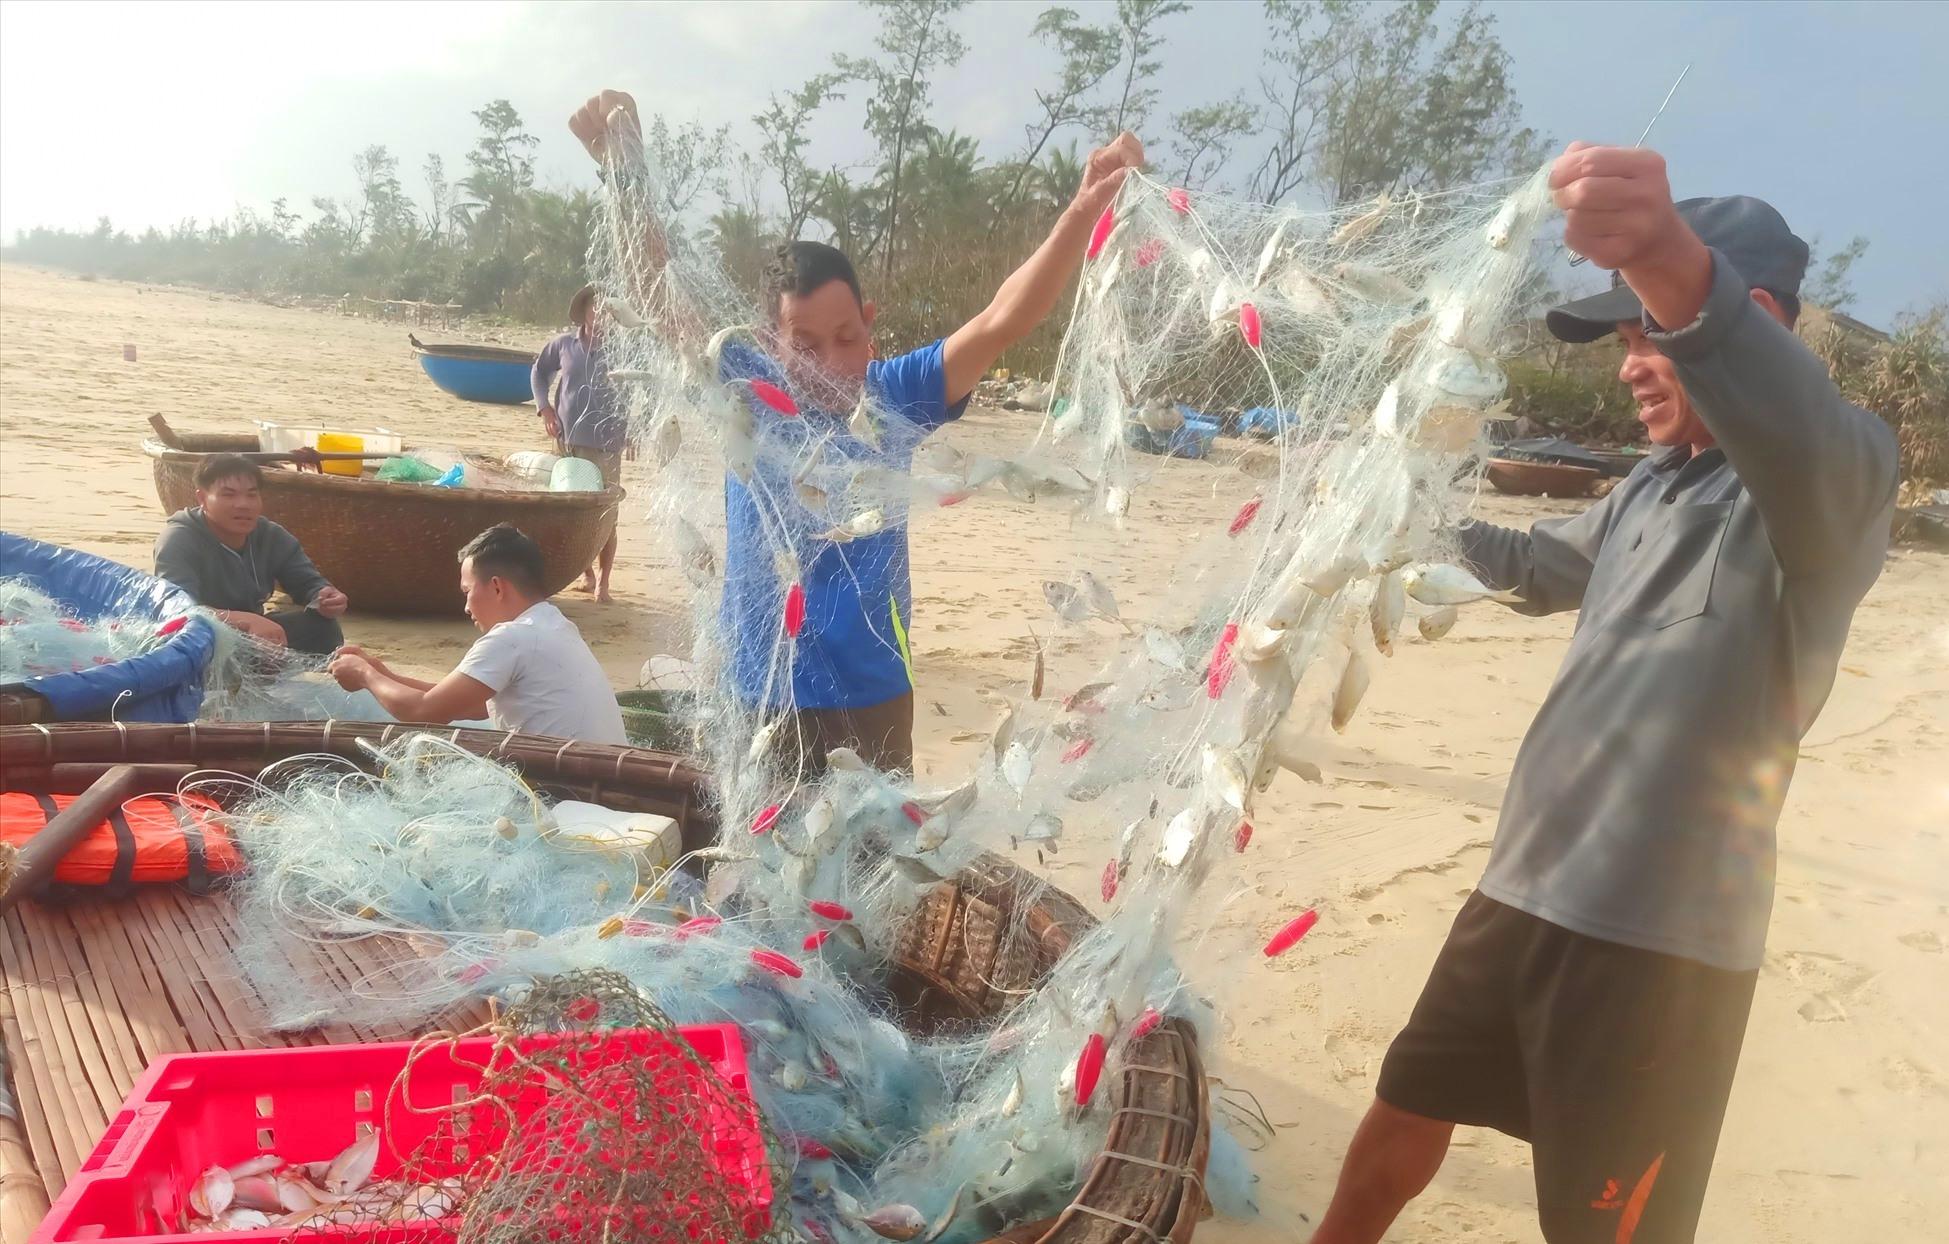 Những mẻ lưới nặng trĩu cá liệt chỉ vàng, cá khế, cá nục chỉ vàng của ngư dân Tam Tiến sau vài giờ chài lưới. Ảnh: HOÀNG LIÊN